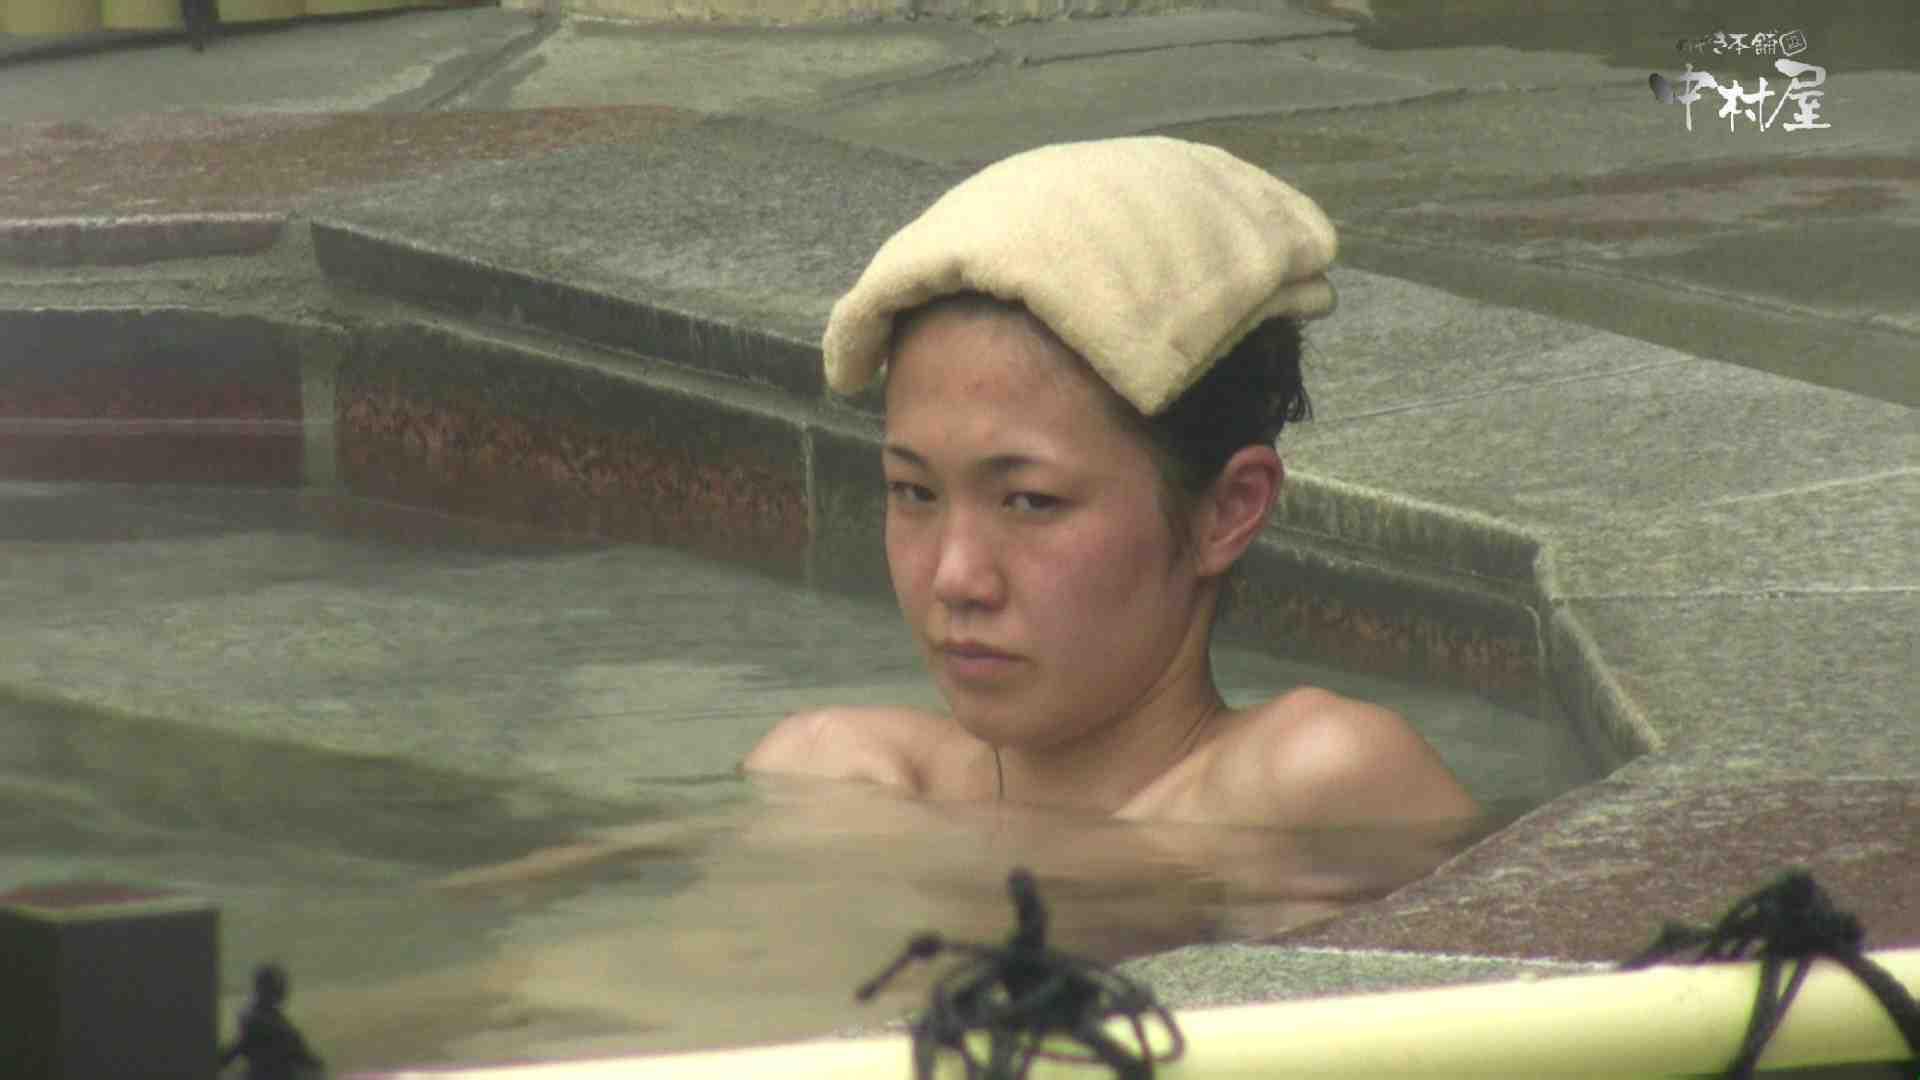 Aquaな露天風呂Vol.889 露天風呂  10枚 4